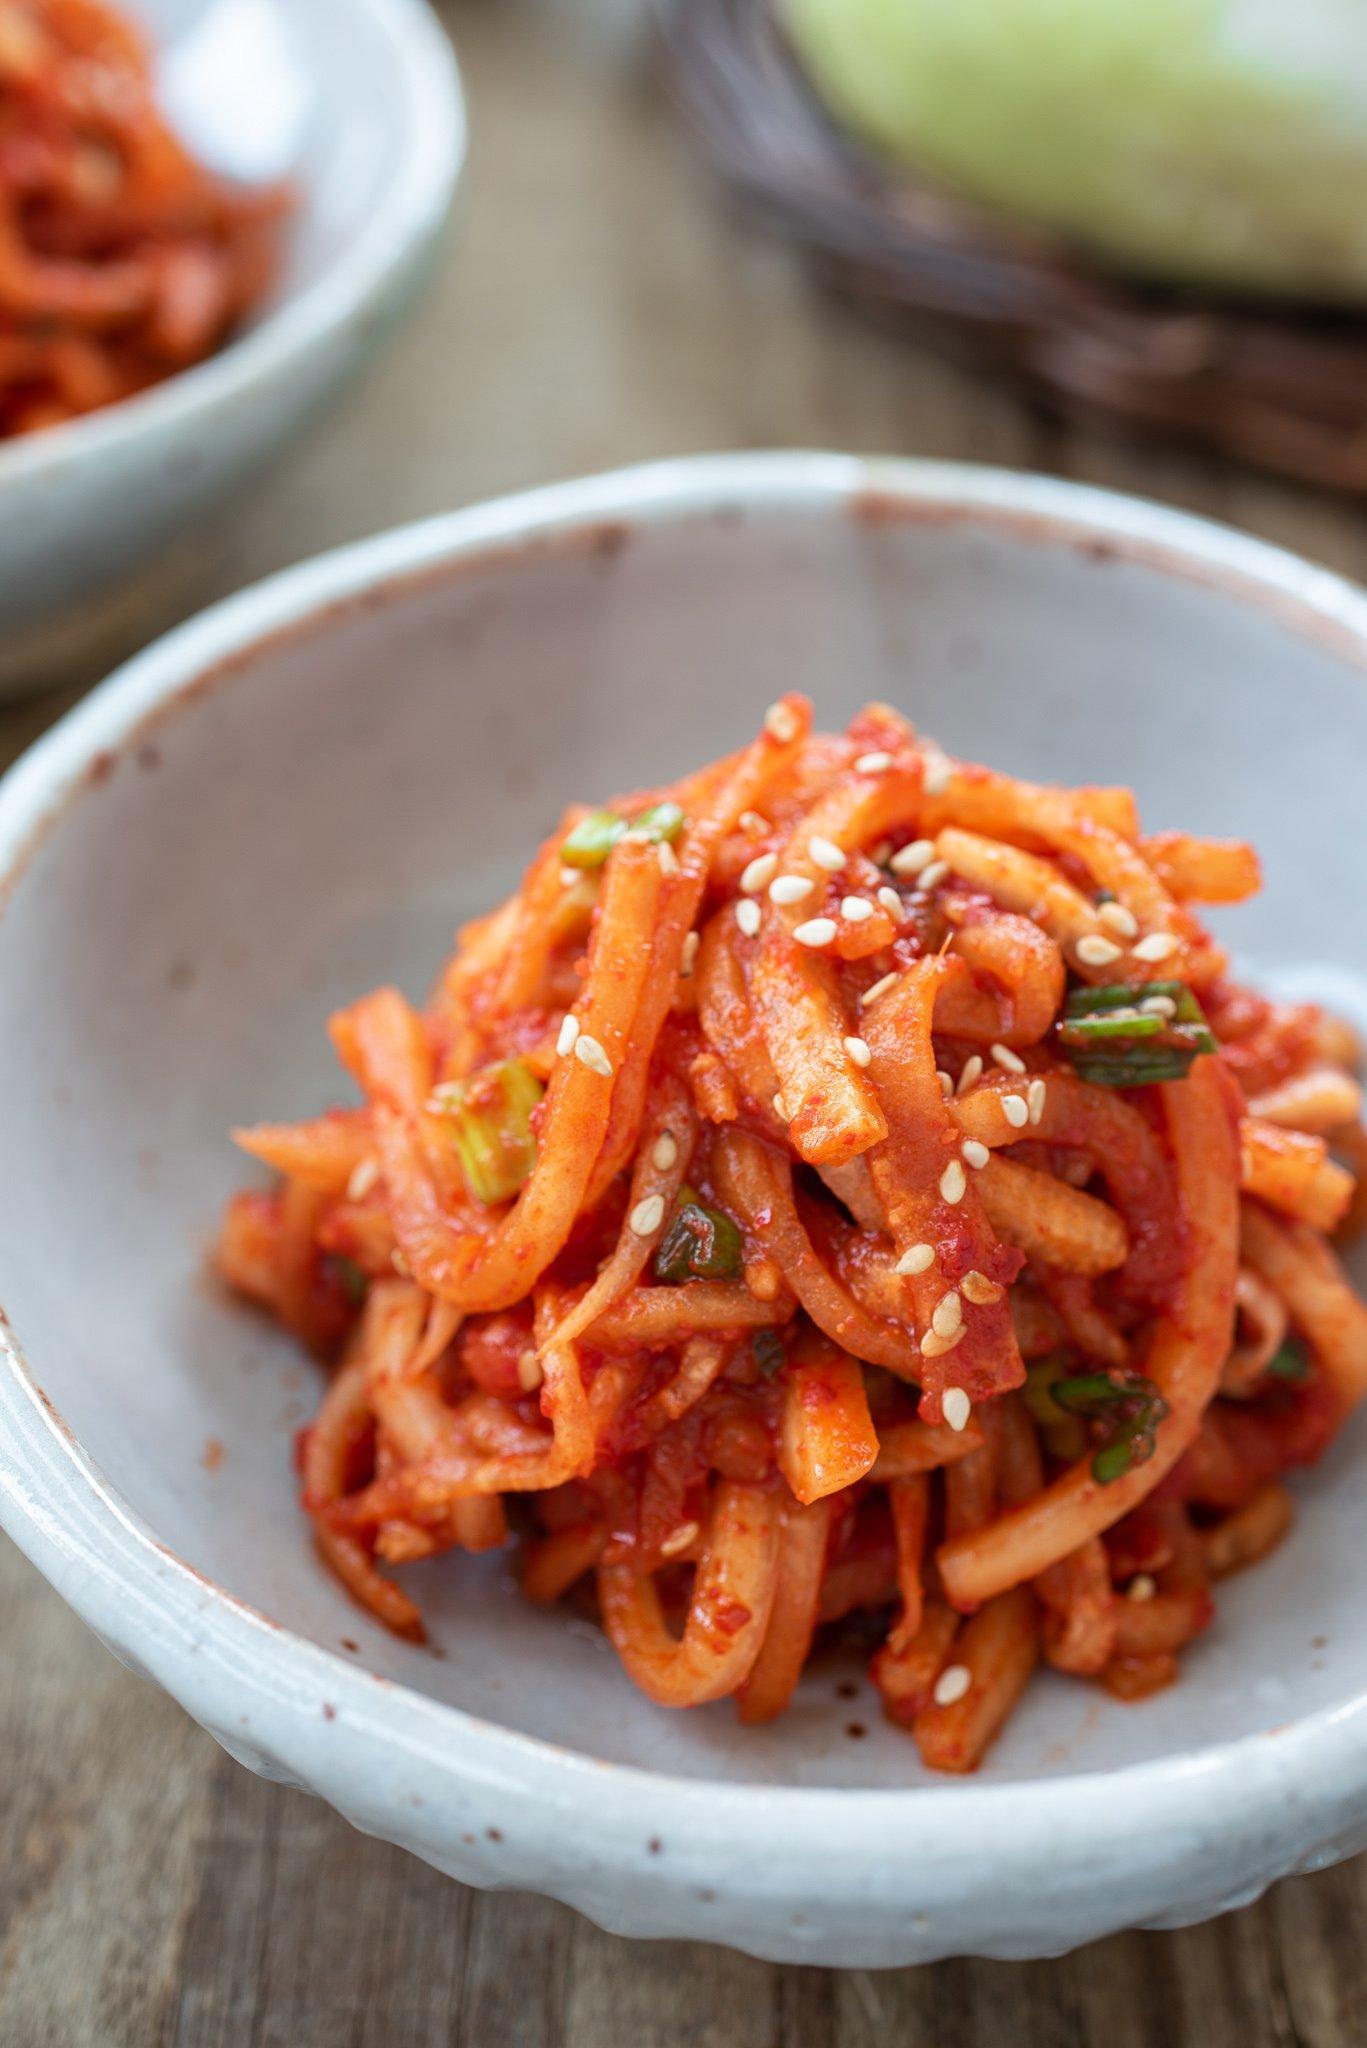 DSC6871 2 - 15 Vegetable Side Dishes (Banchan)